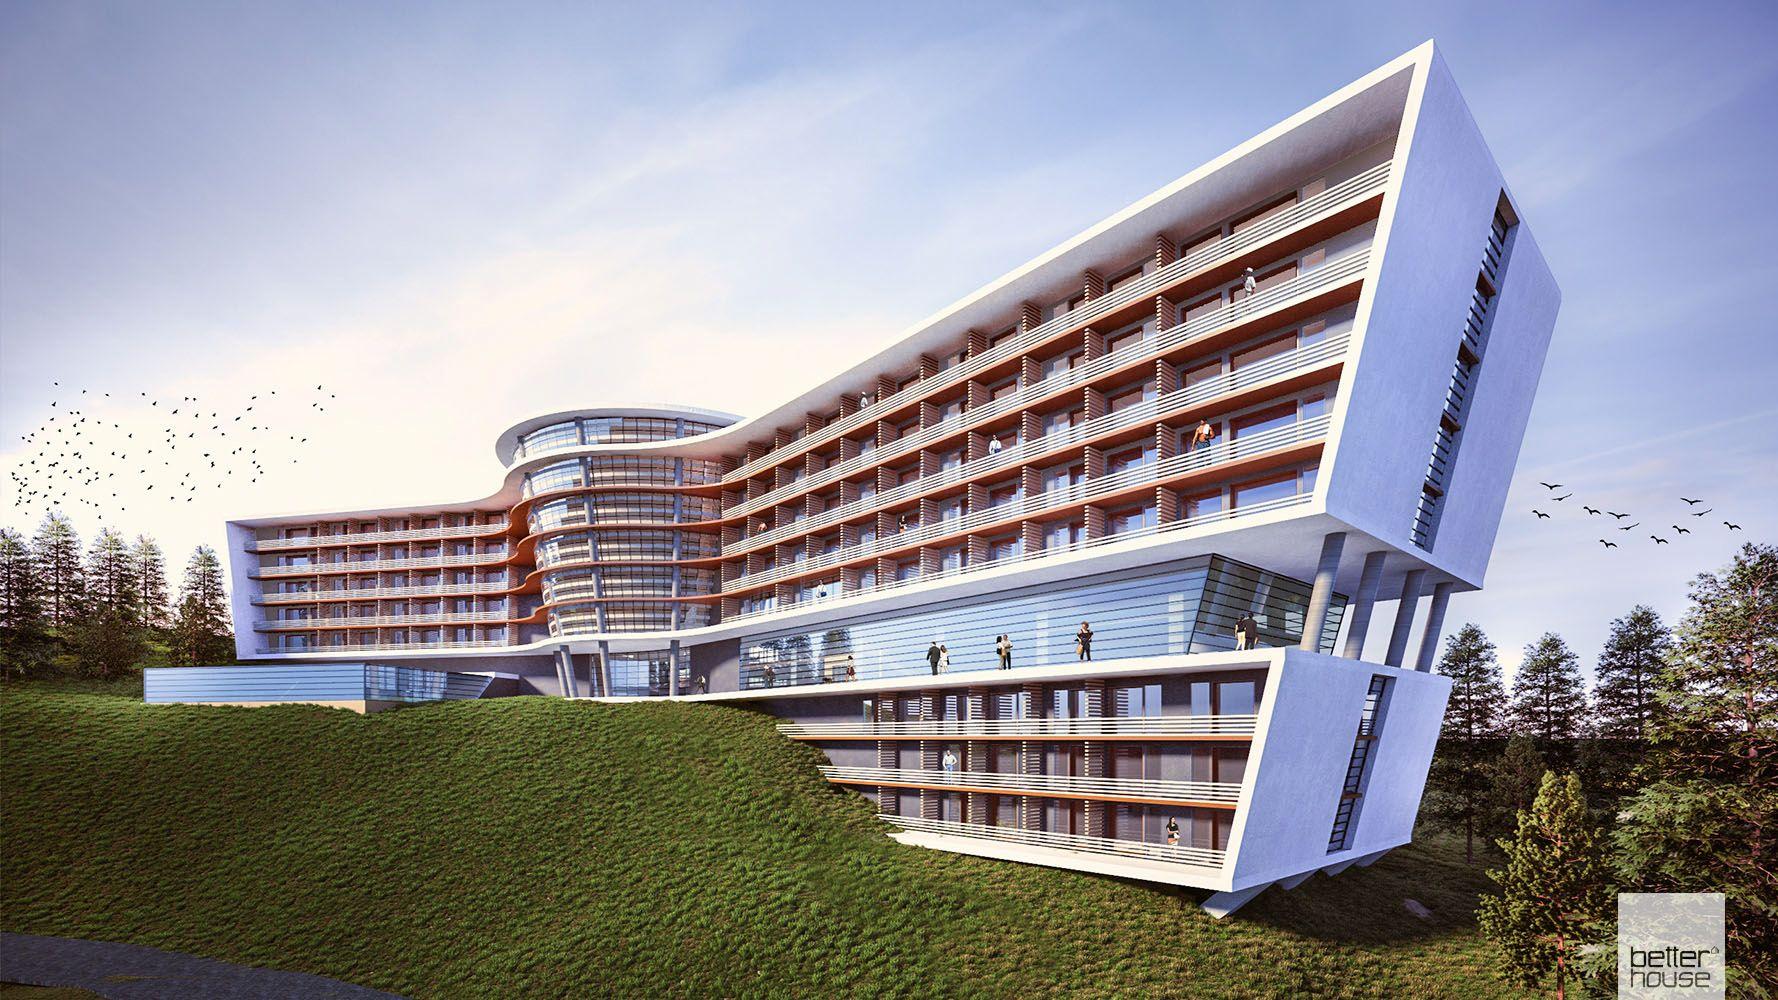 01 Architecture Design Betterhouse Ro Mountain Hotel Betterhouse